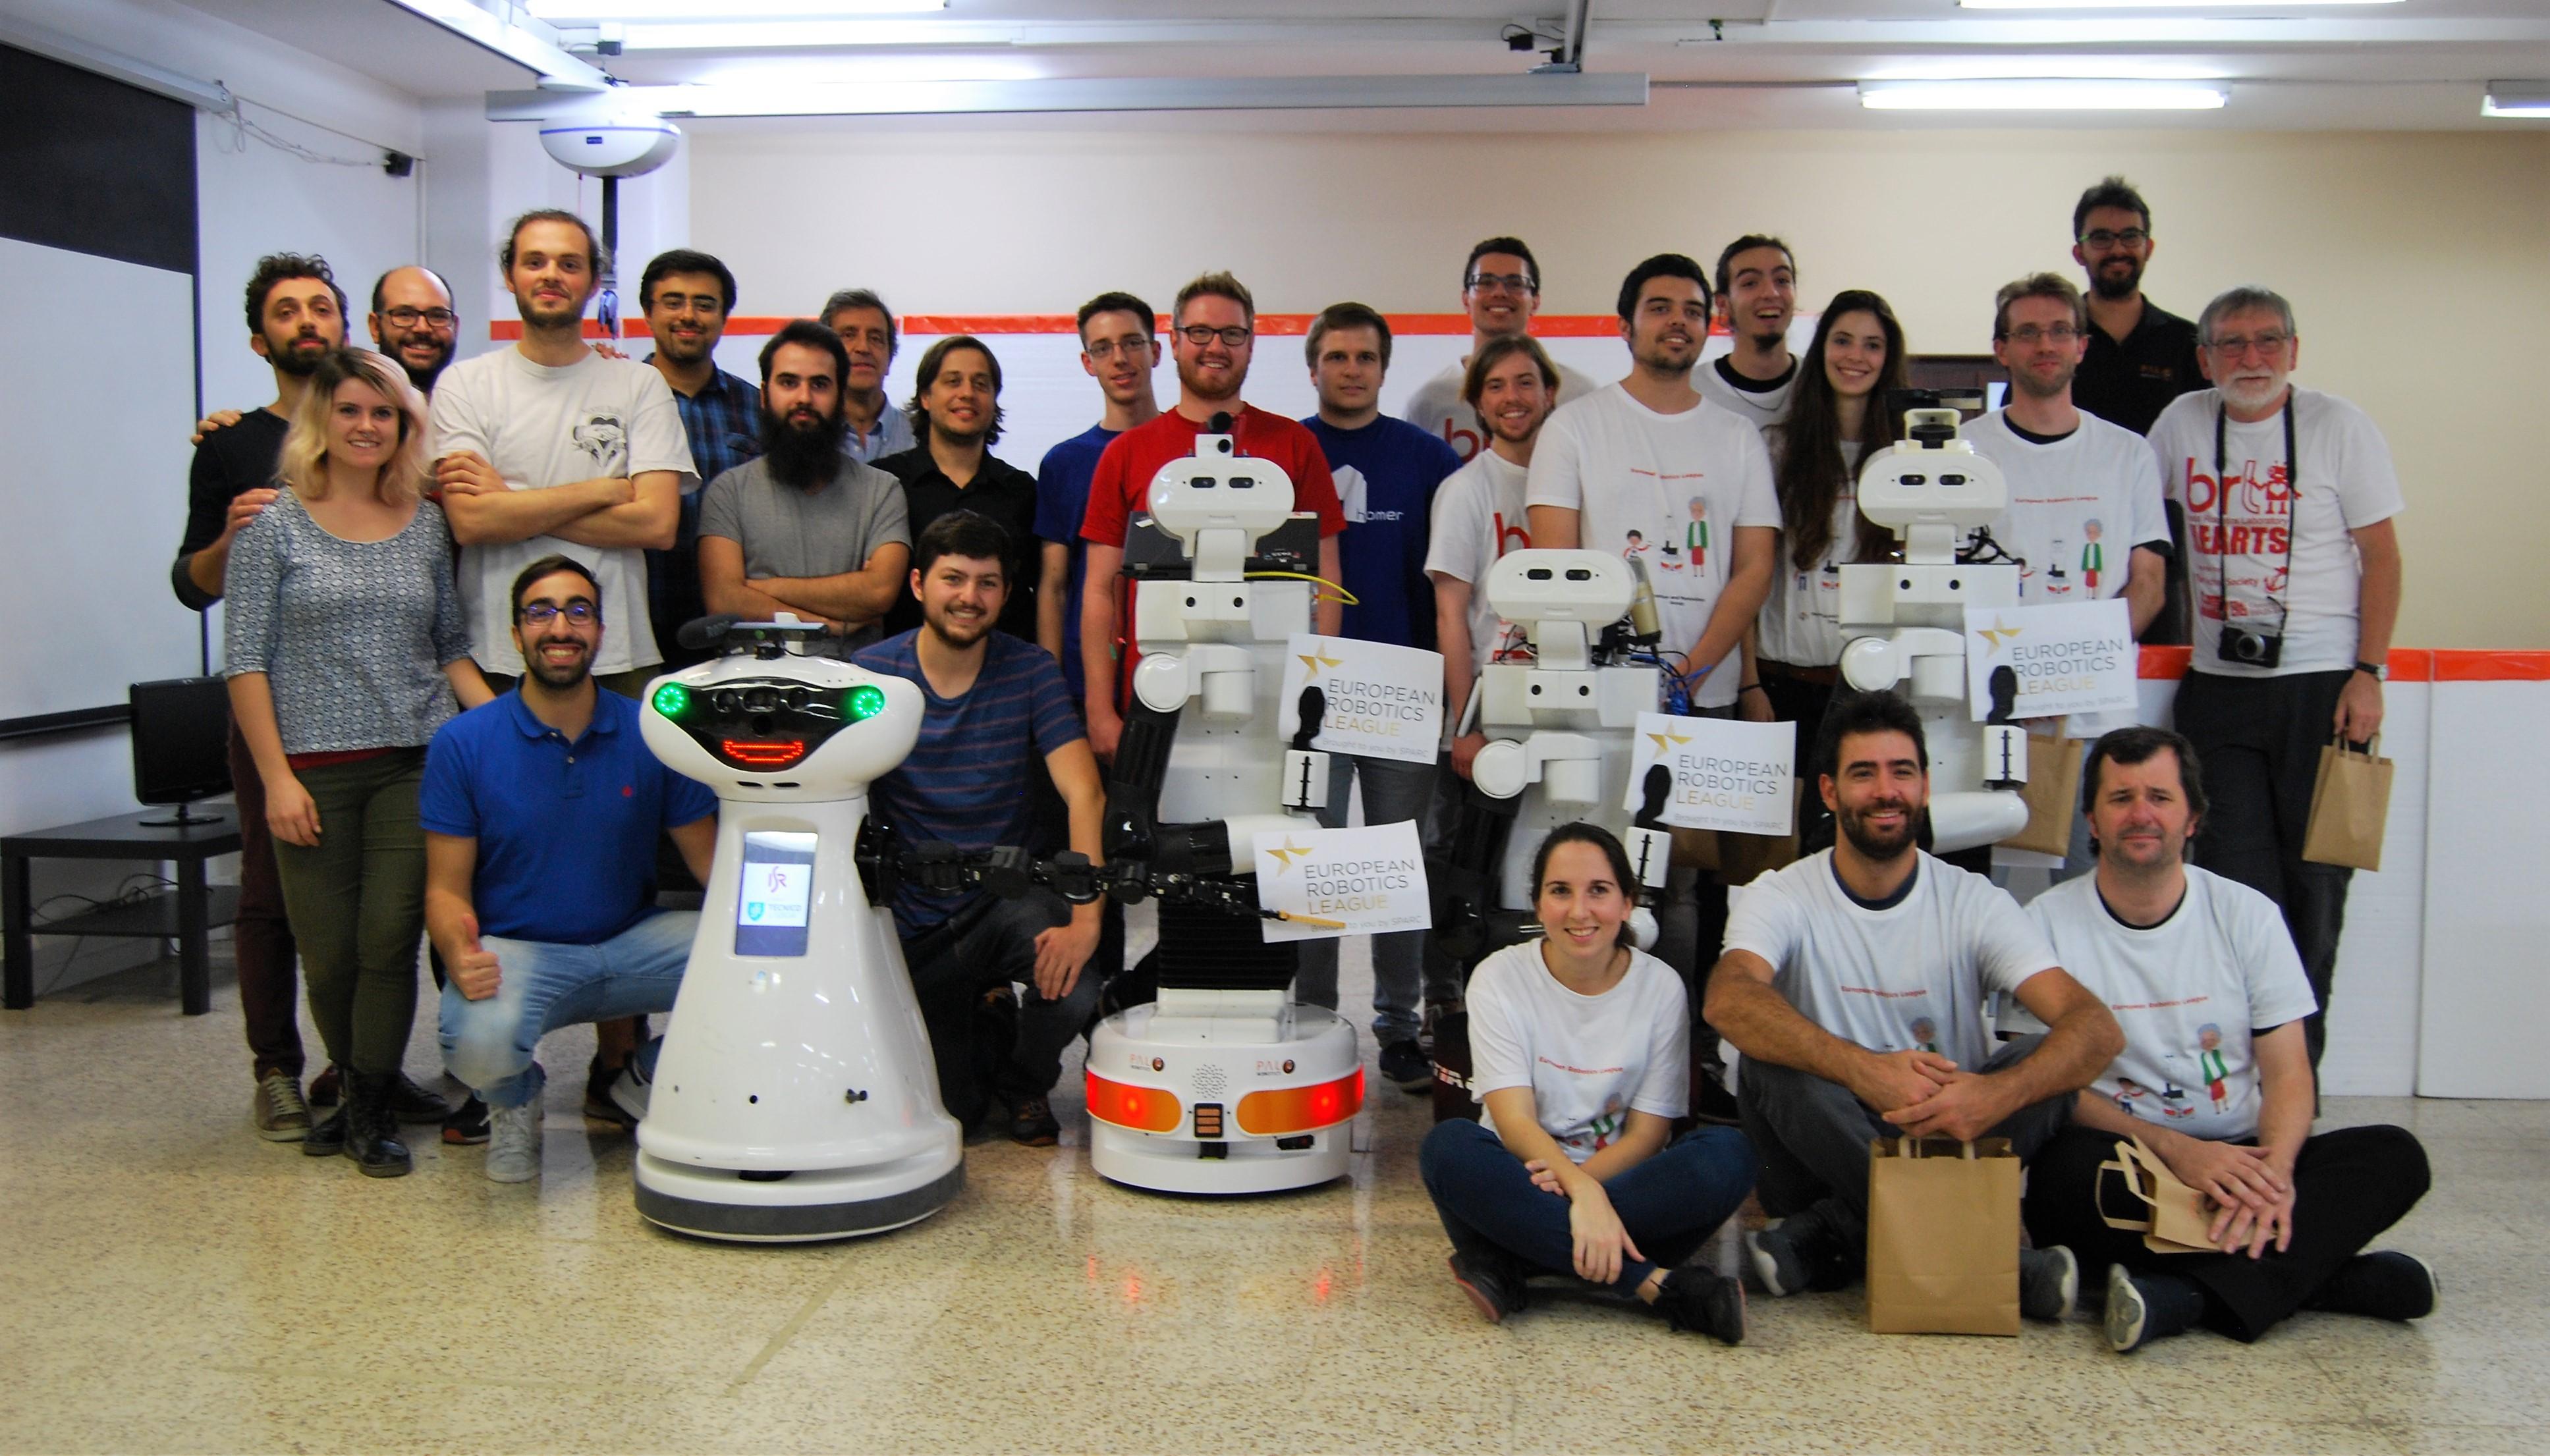 ALL-TEAMS-PAL-ROBOTICS-European-Robotics-League